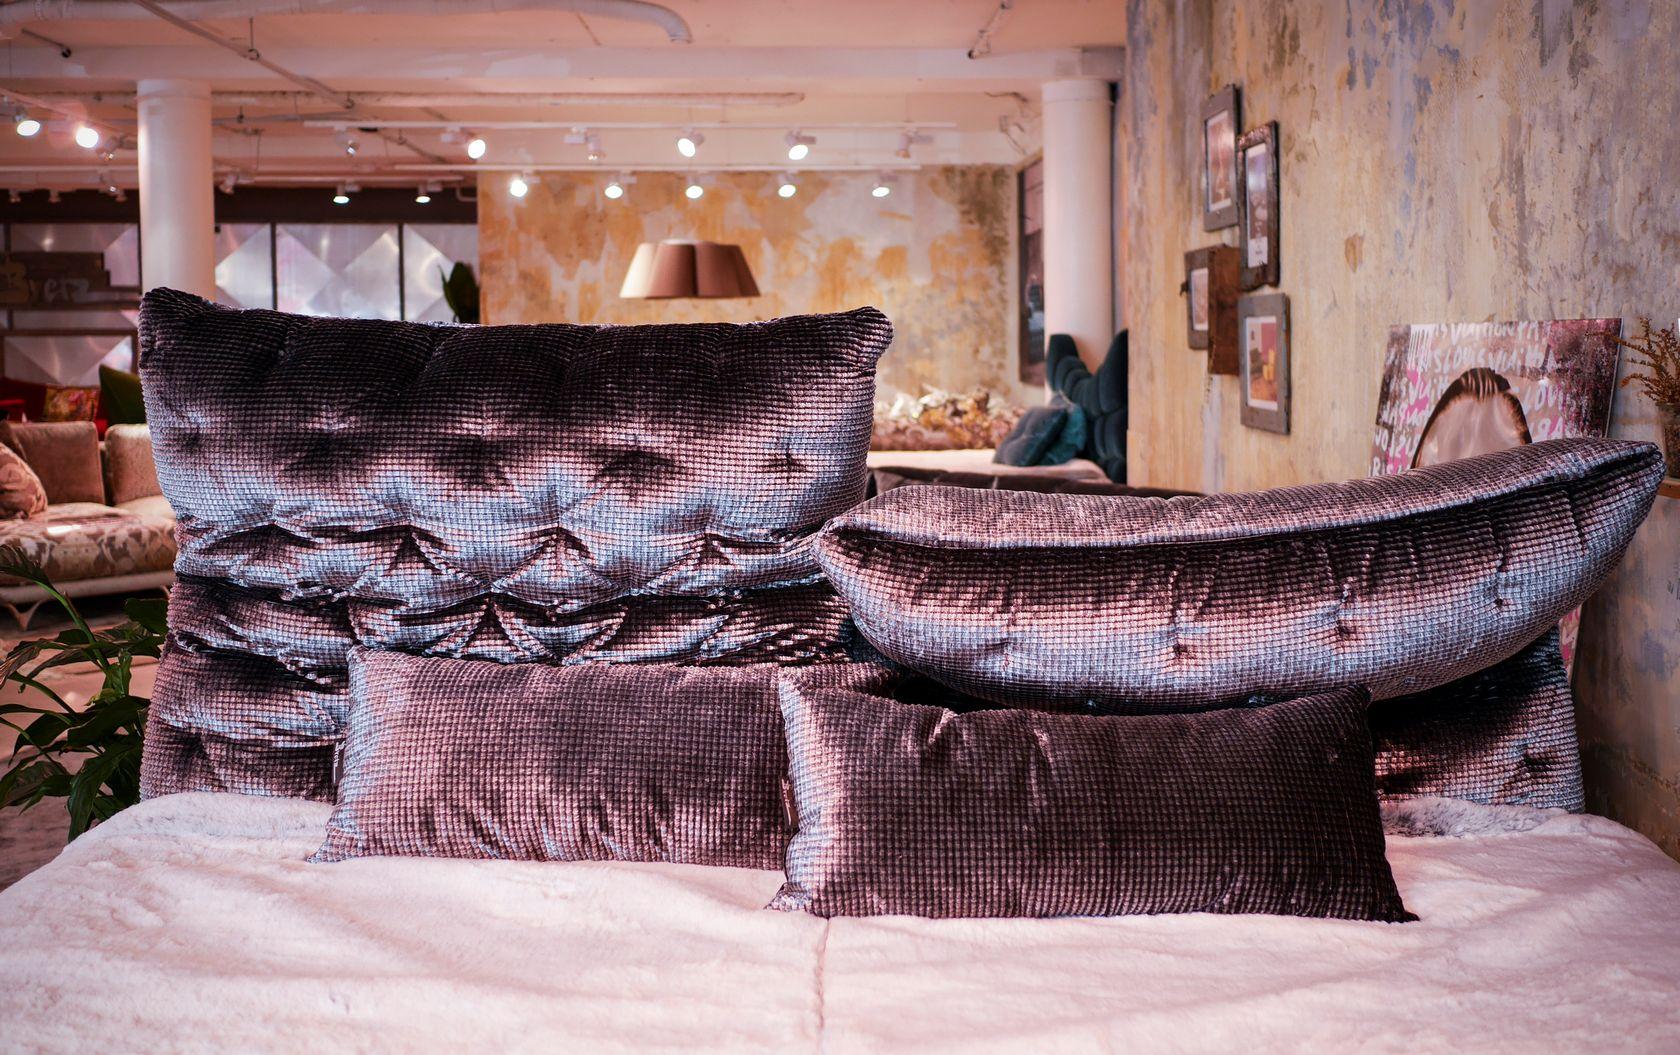 bretz store frankfurt 2017 03 03 008 bretz store frankfurt. Black Bedroom Furniture Sets. Home Design Ideas